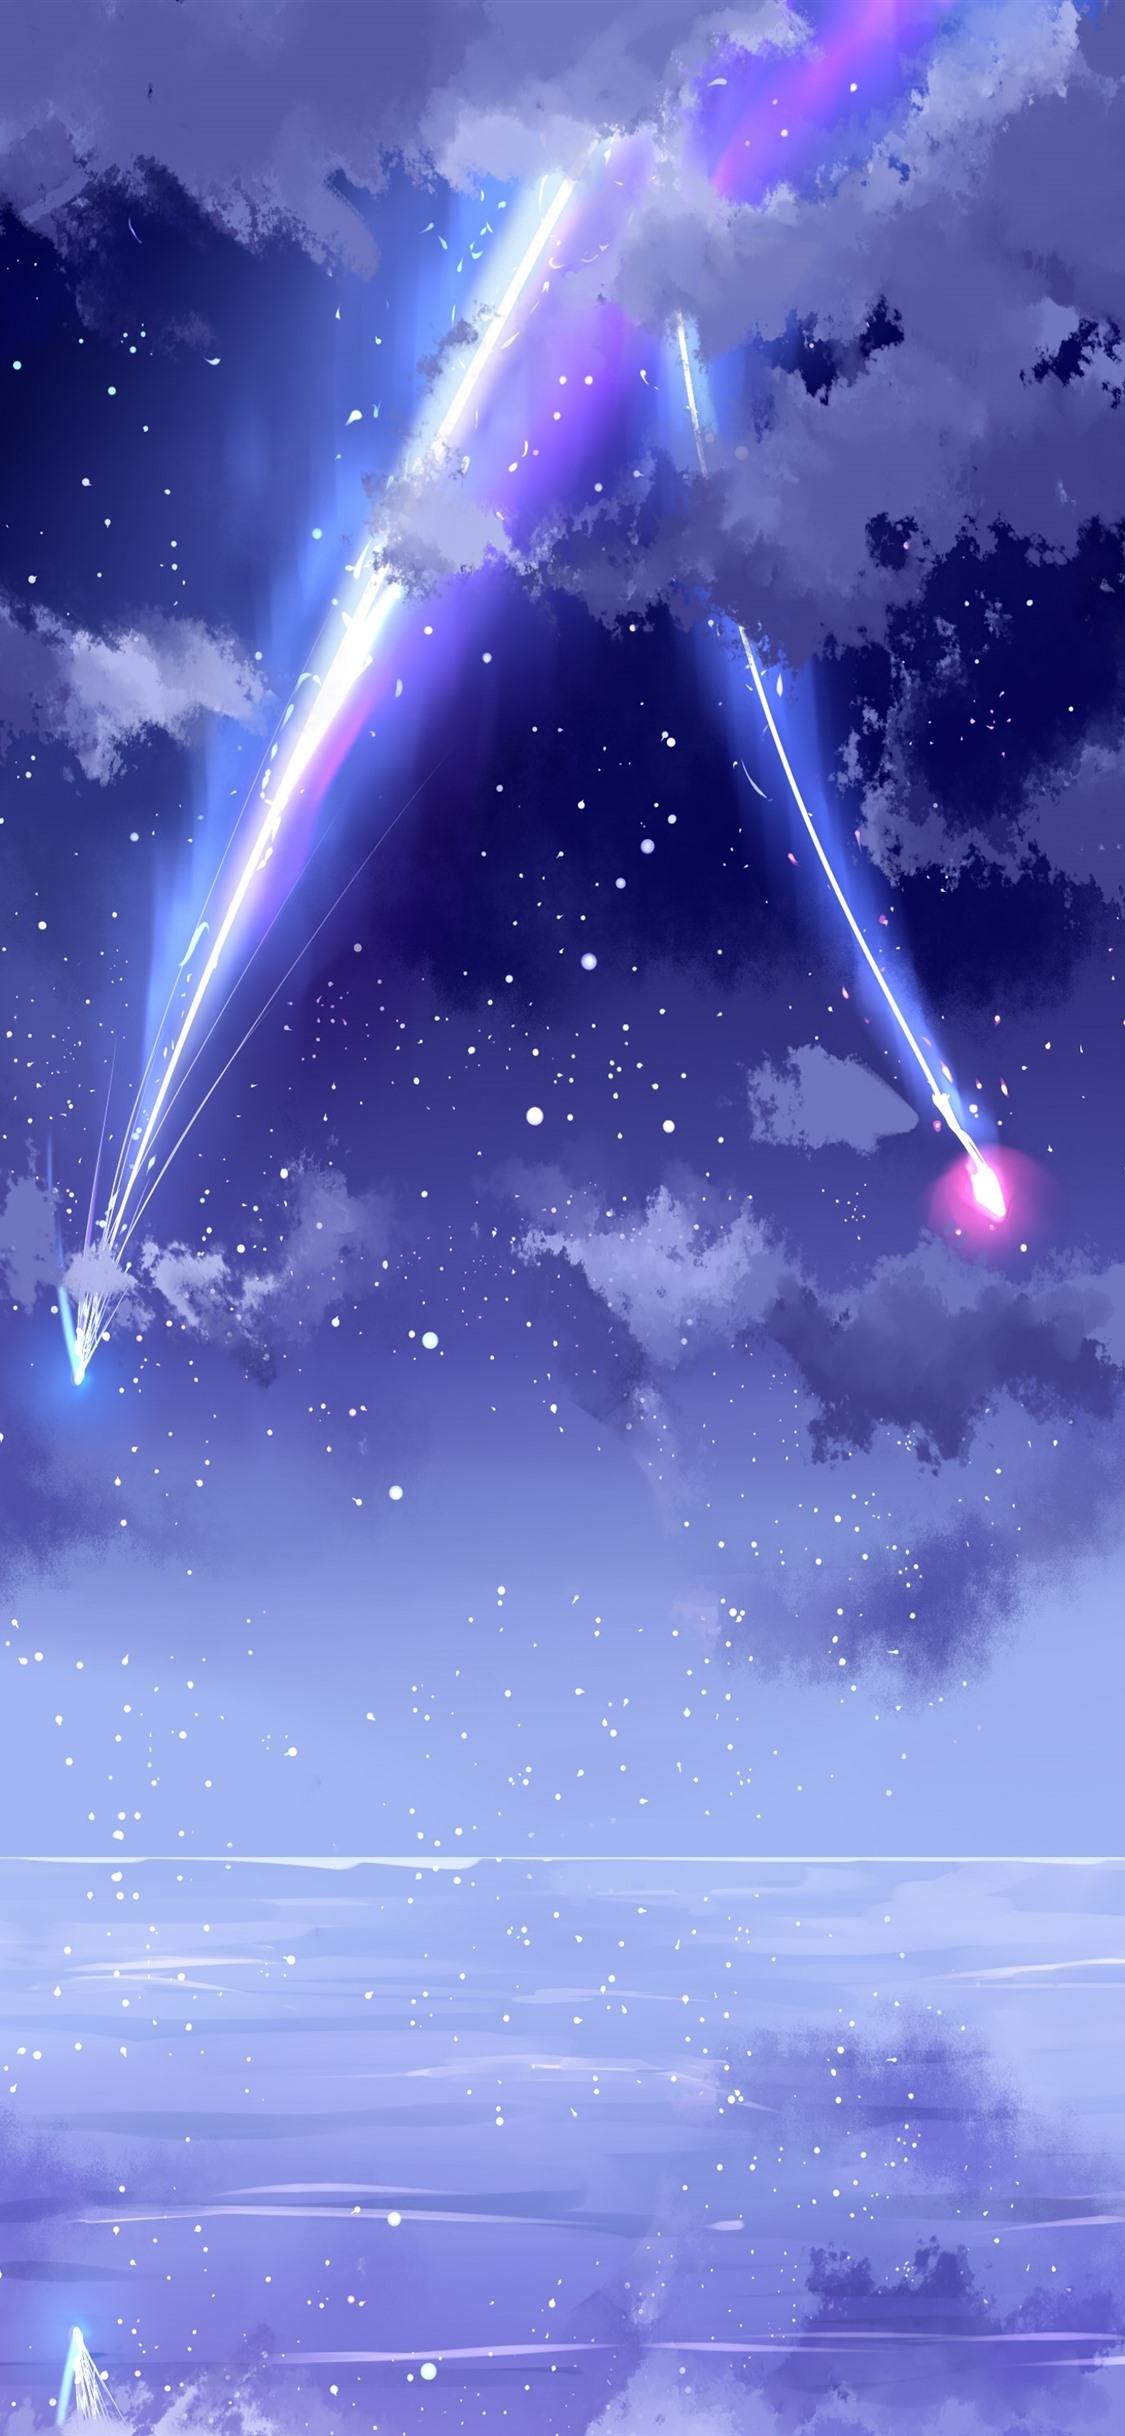 Anime Wallpaper 9k Iphone Xr